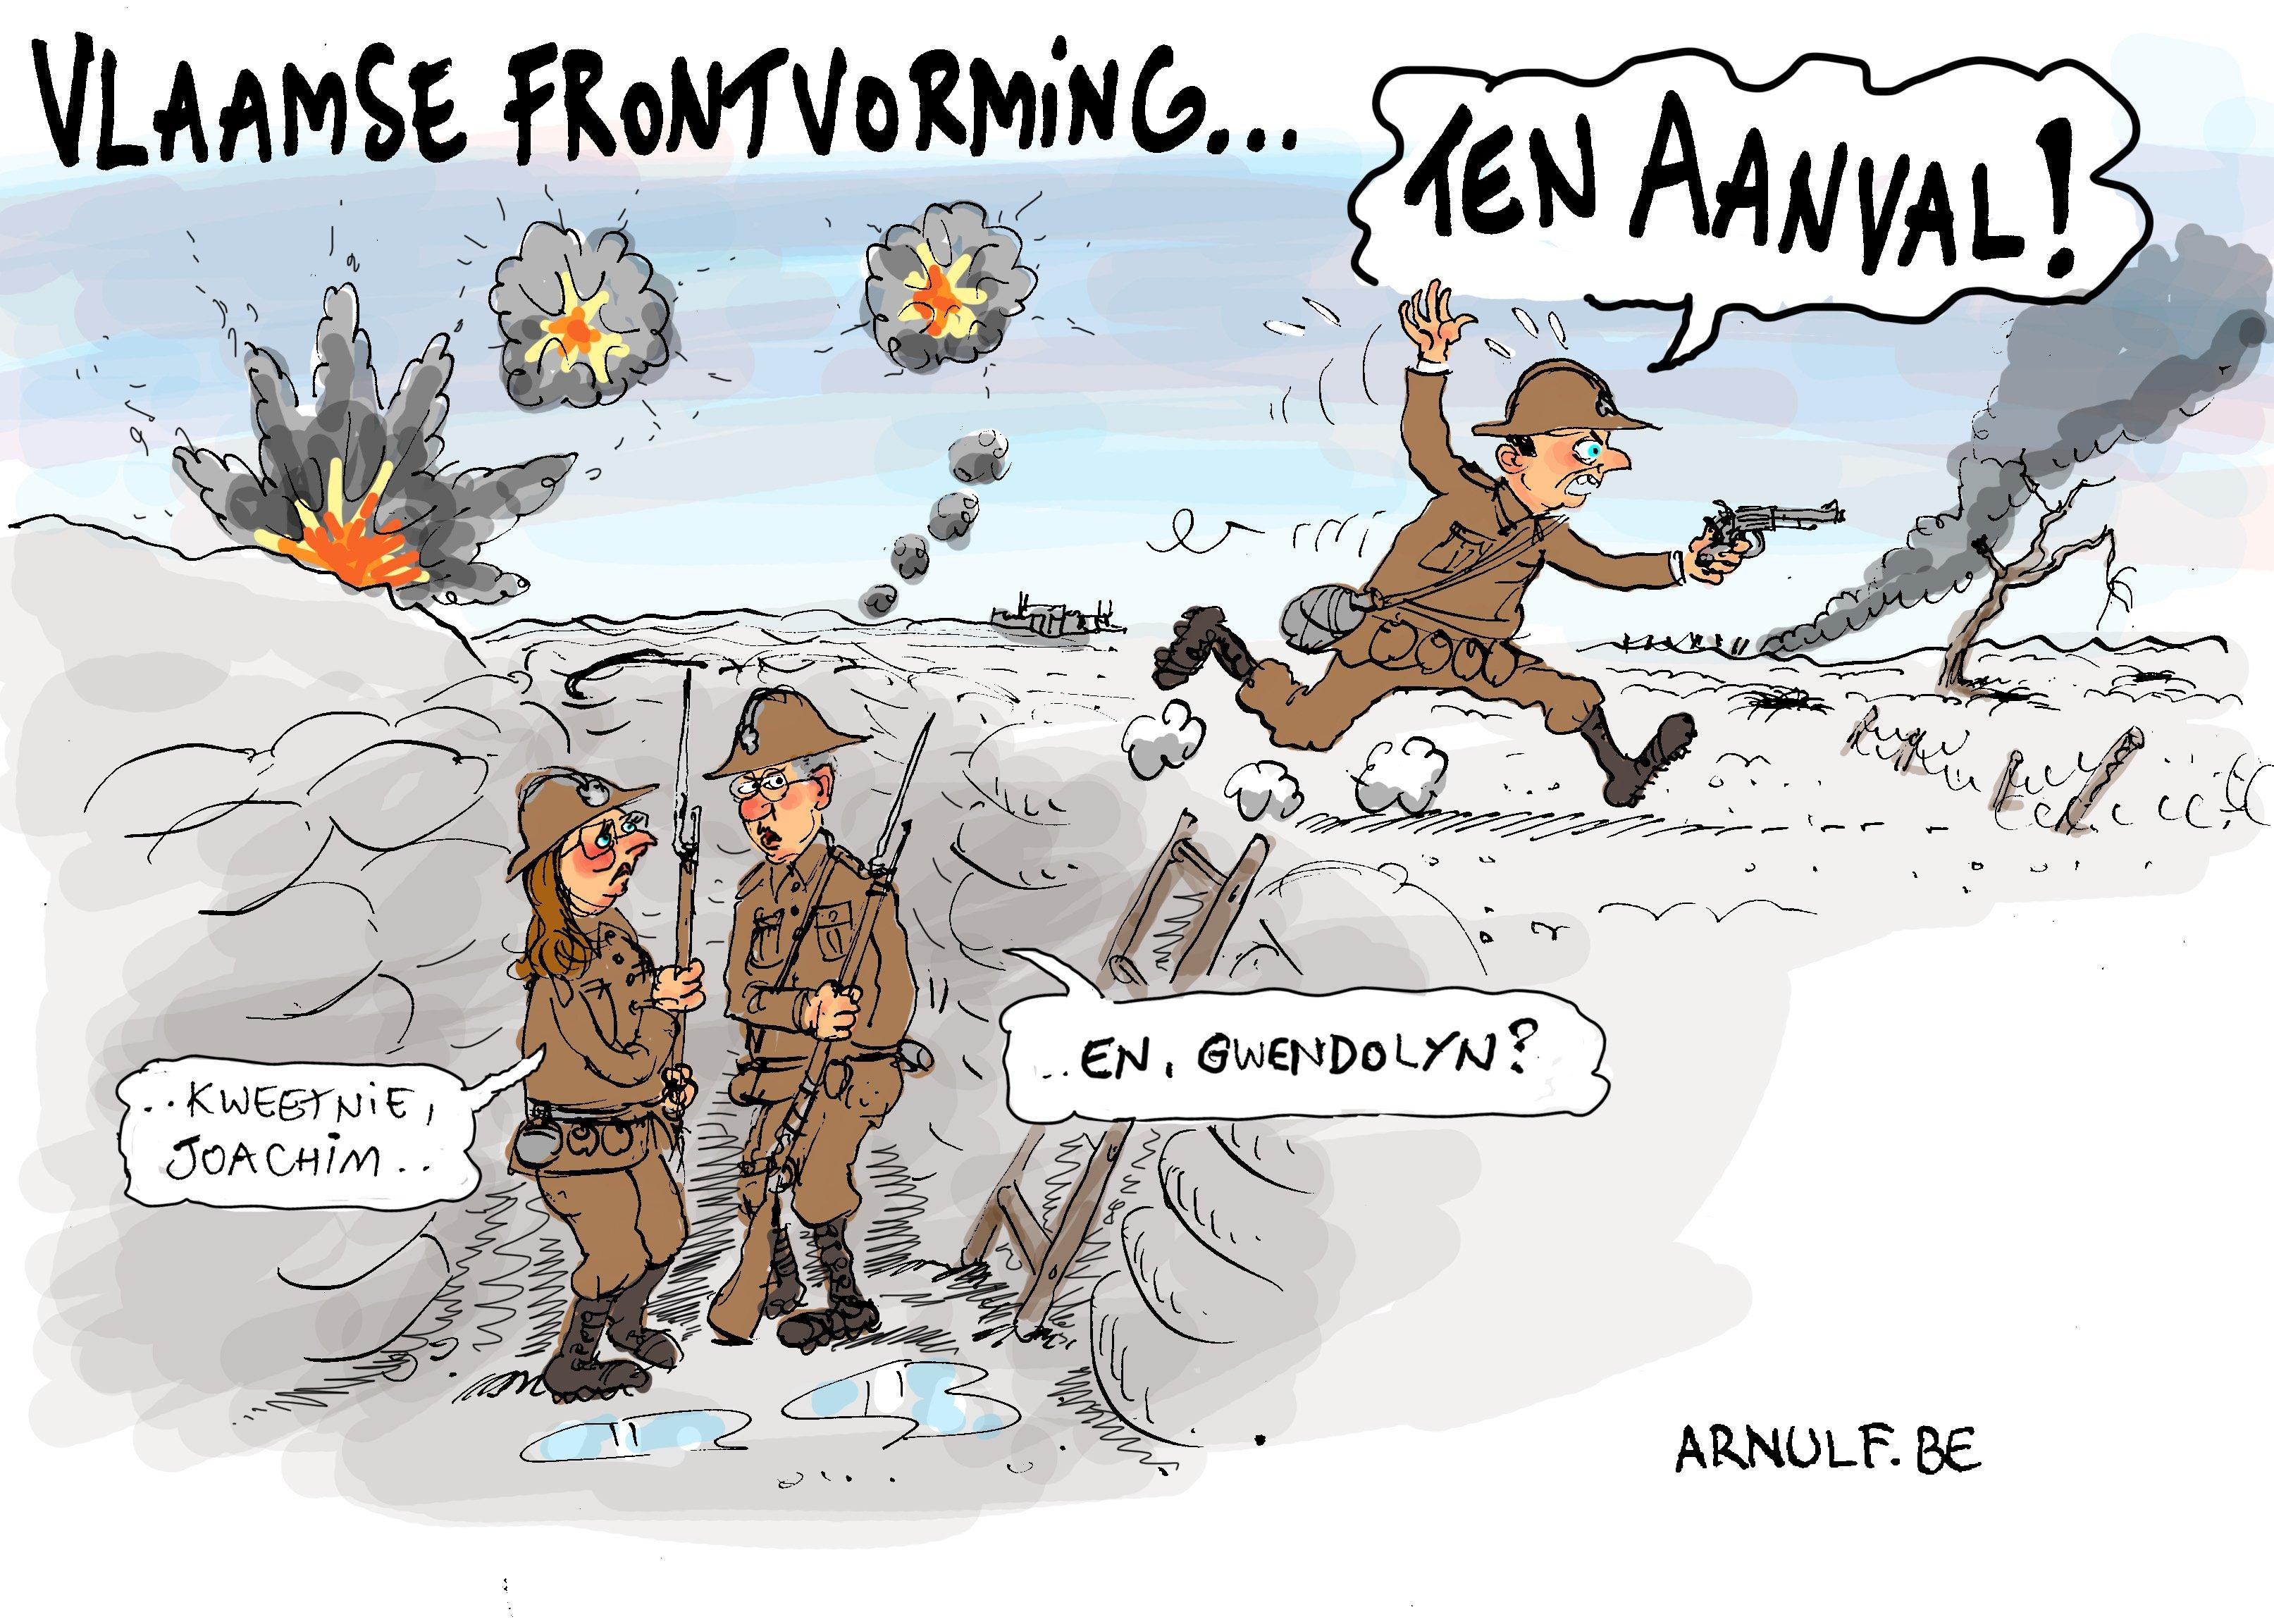 Vlaamse frontvorming